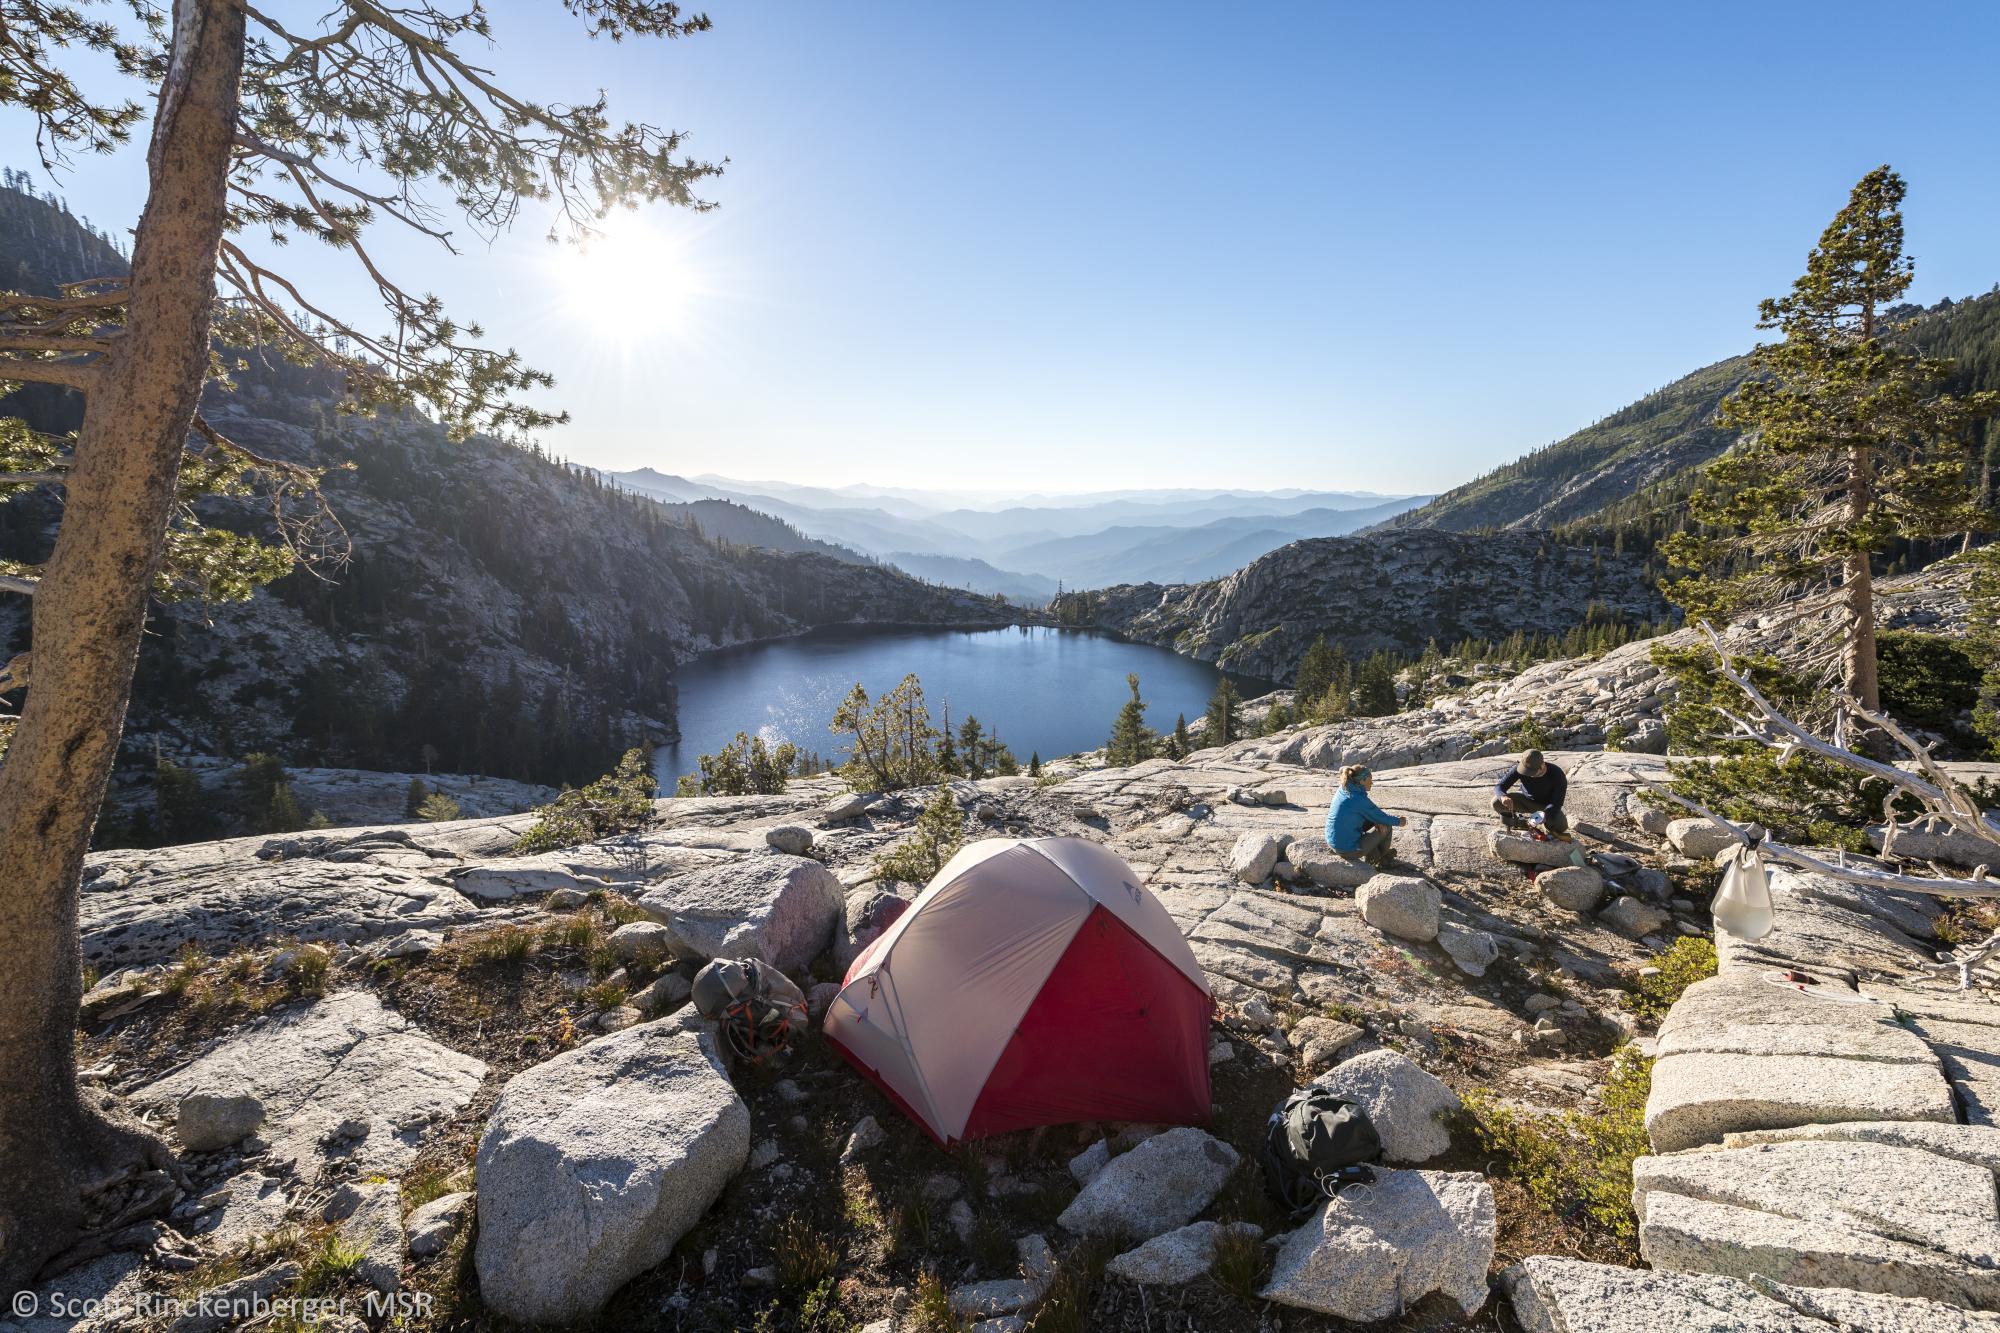 Das MSR Hubba steht auf einem Felsplateau. Der Blick geht weit in die Landschaft über einen See.